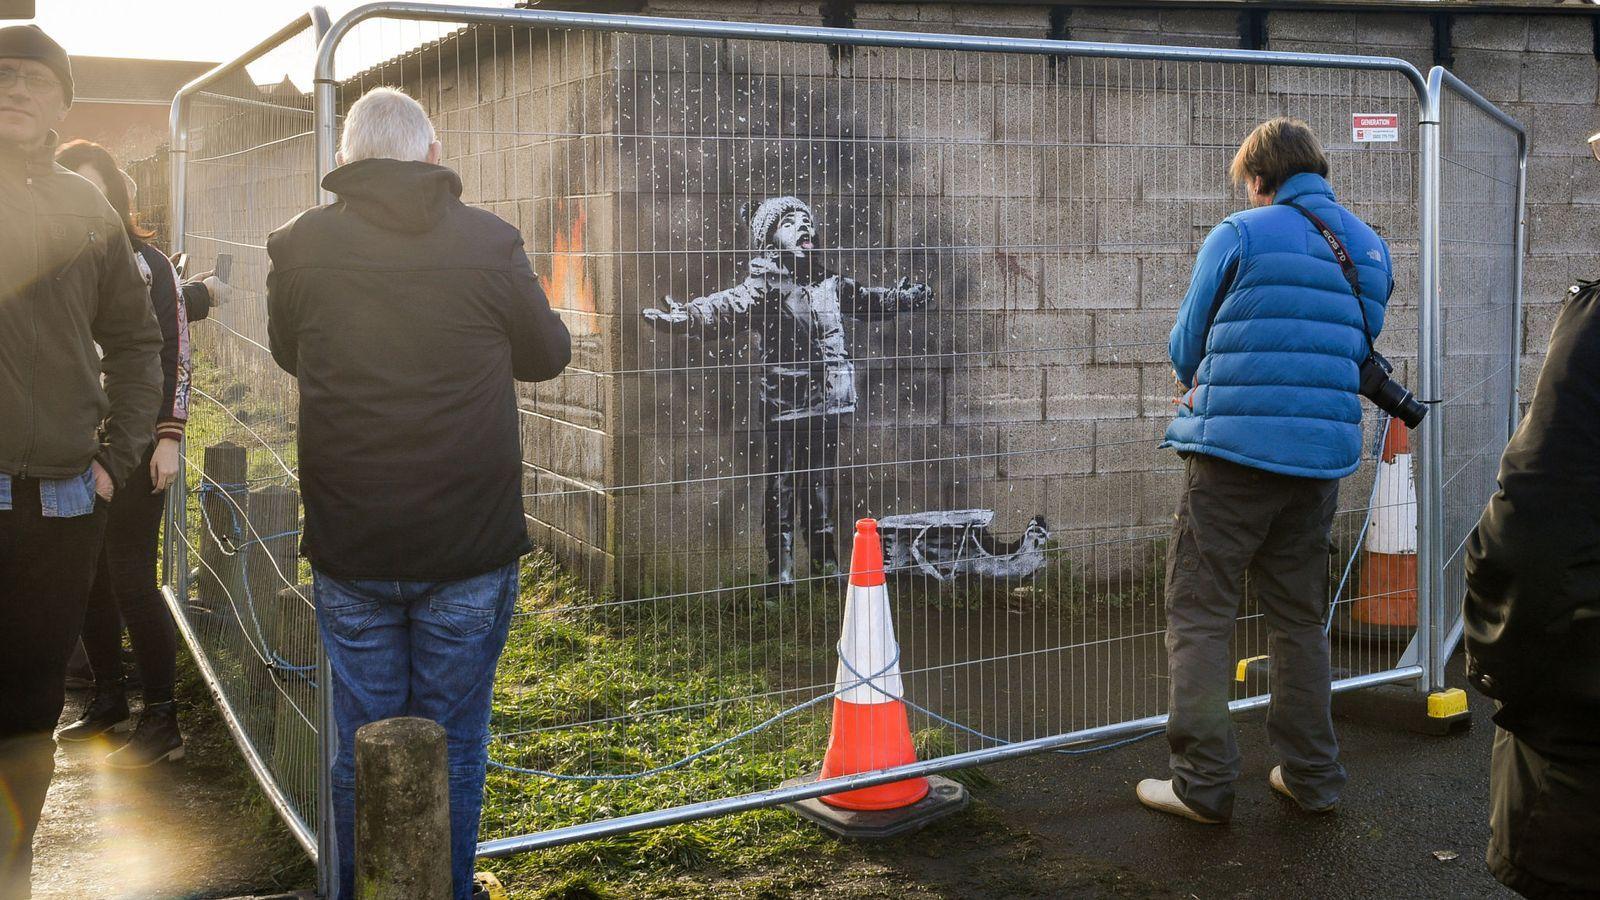 英國威爾斯南部小鎮塔巴特港(Port Talbot)一處車庫牆上,去年12月出現塗鴉畫作,後來證明是英國知名塗鴉大師班克西(Banksy)的作品。(AP)